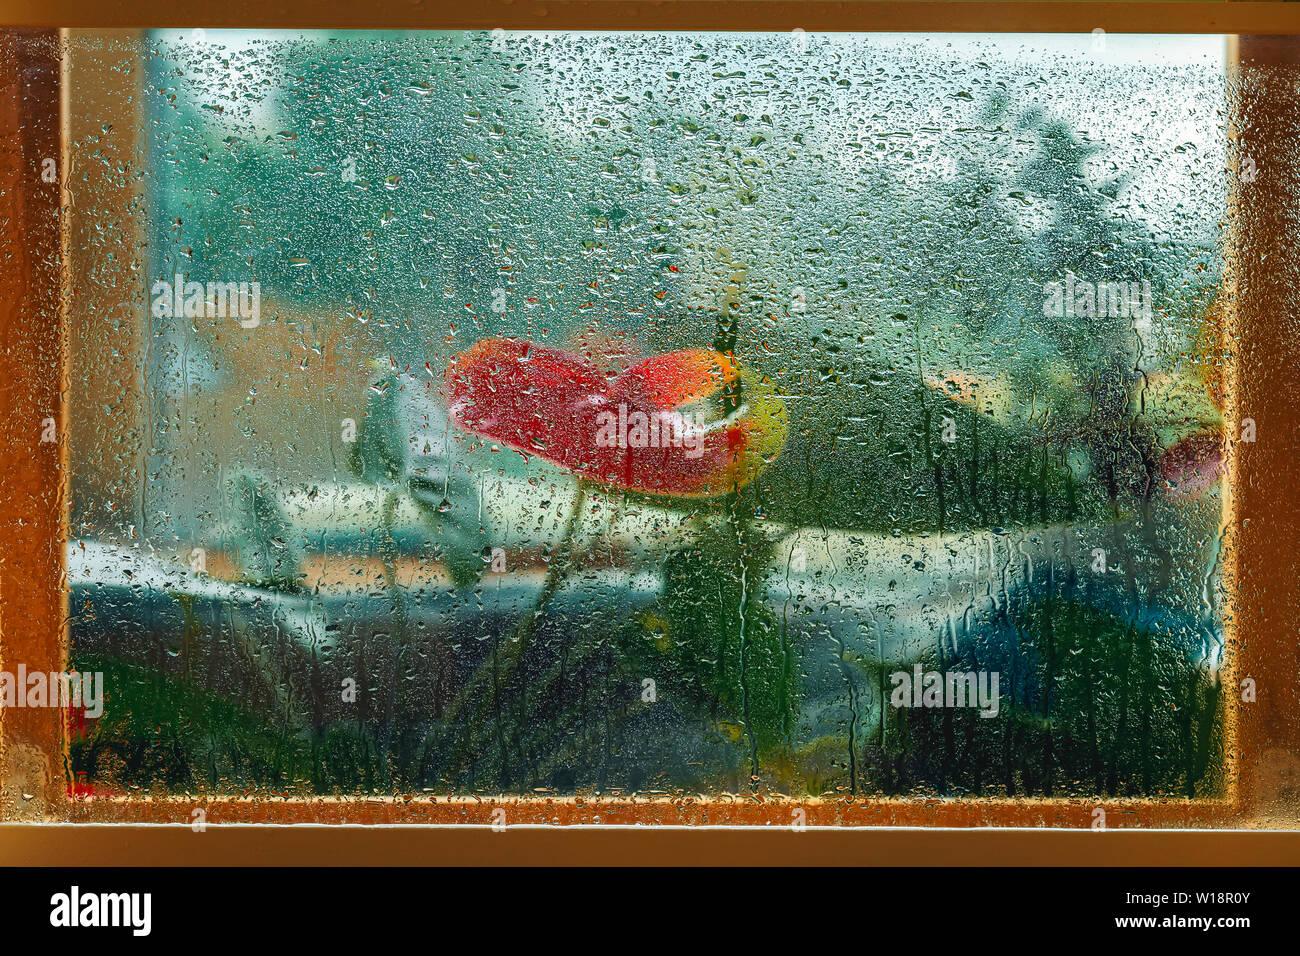 Sfocato fiori rossi in una finestra in legno telaio, wet vetro, gocce di pioggia. Immagine naturale, natura pittura, impressionismo. Concetto di tempo piovoso Immagini Stock